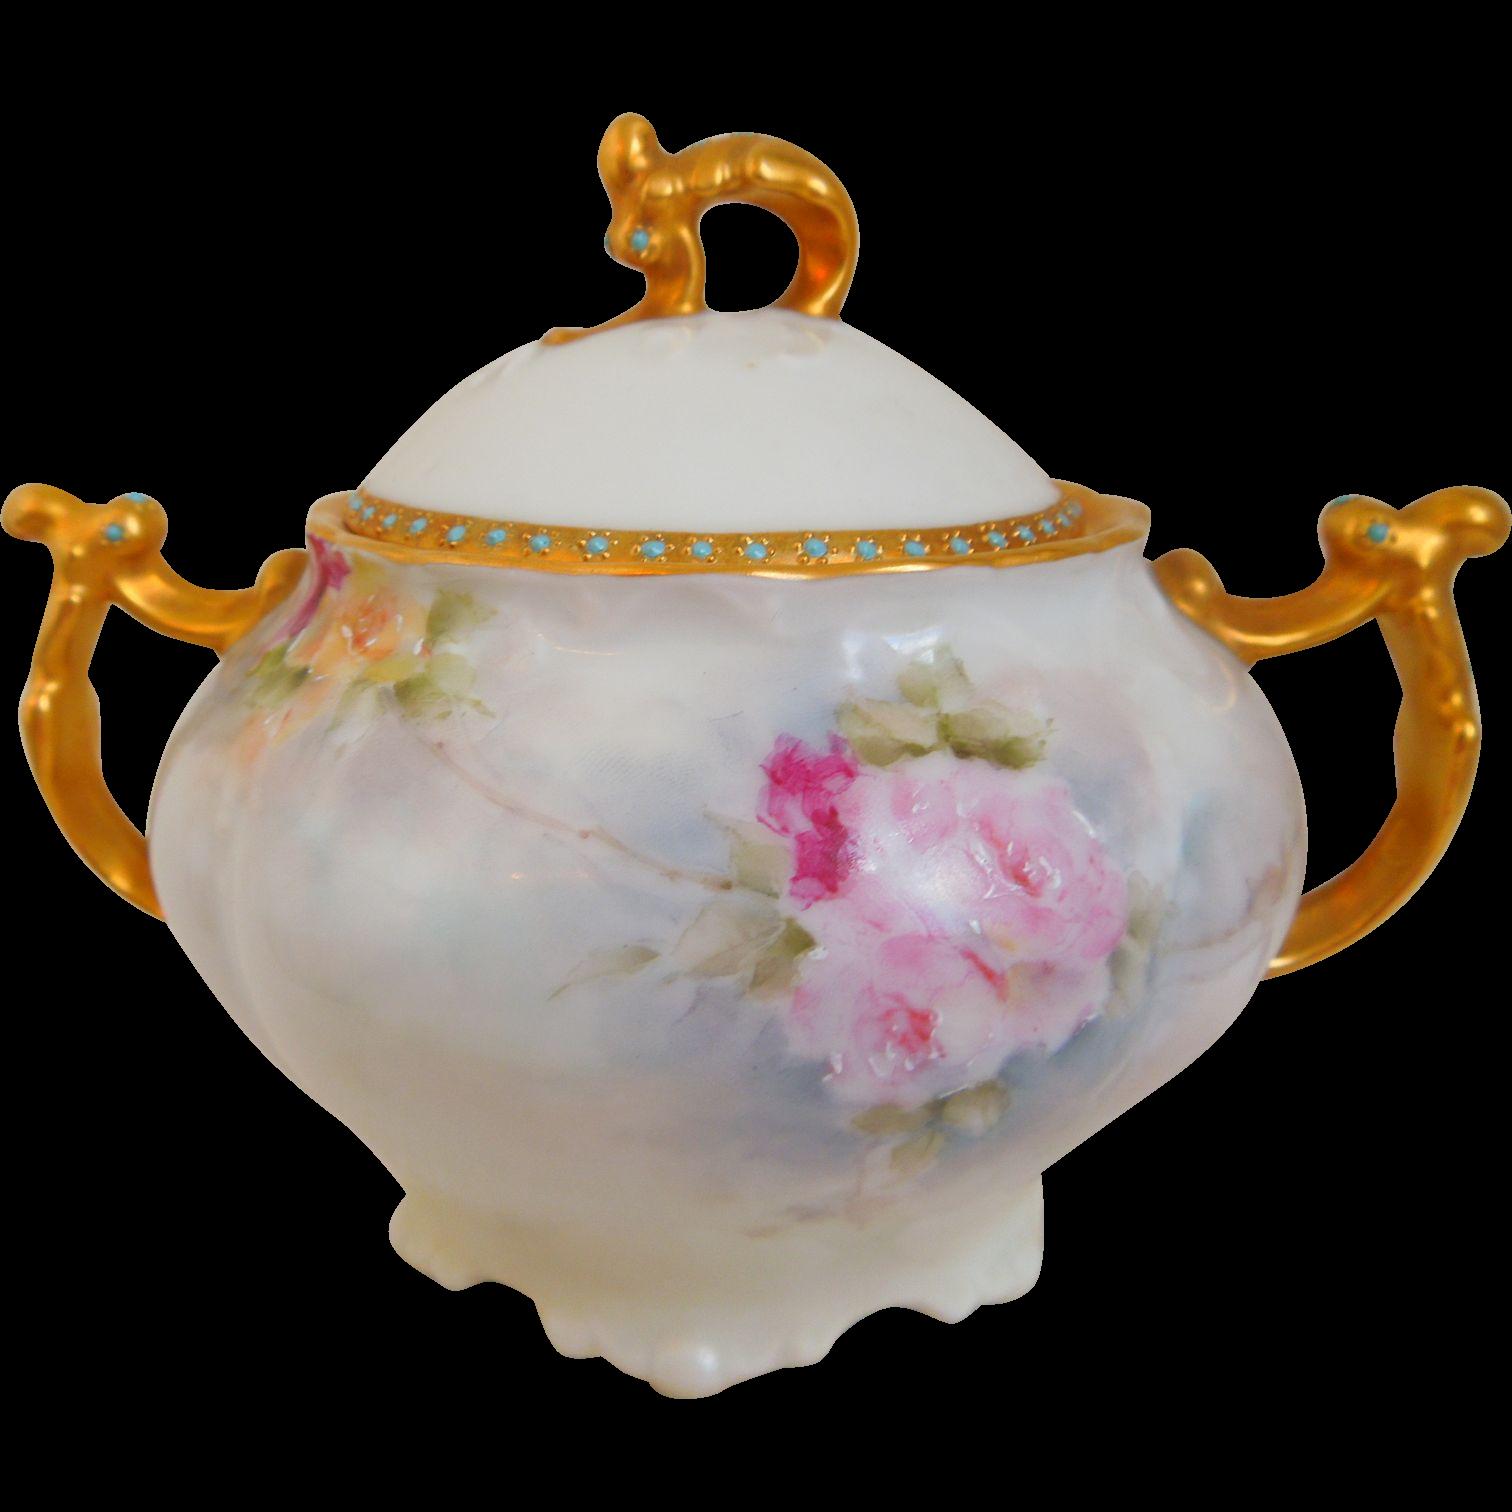 Limoges Jean Pouyat, JPL, Porcelain Sugar Bowl With Roses, Gold Gilt, Enamel, Artist Signed, Circa 1890-1932